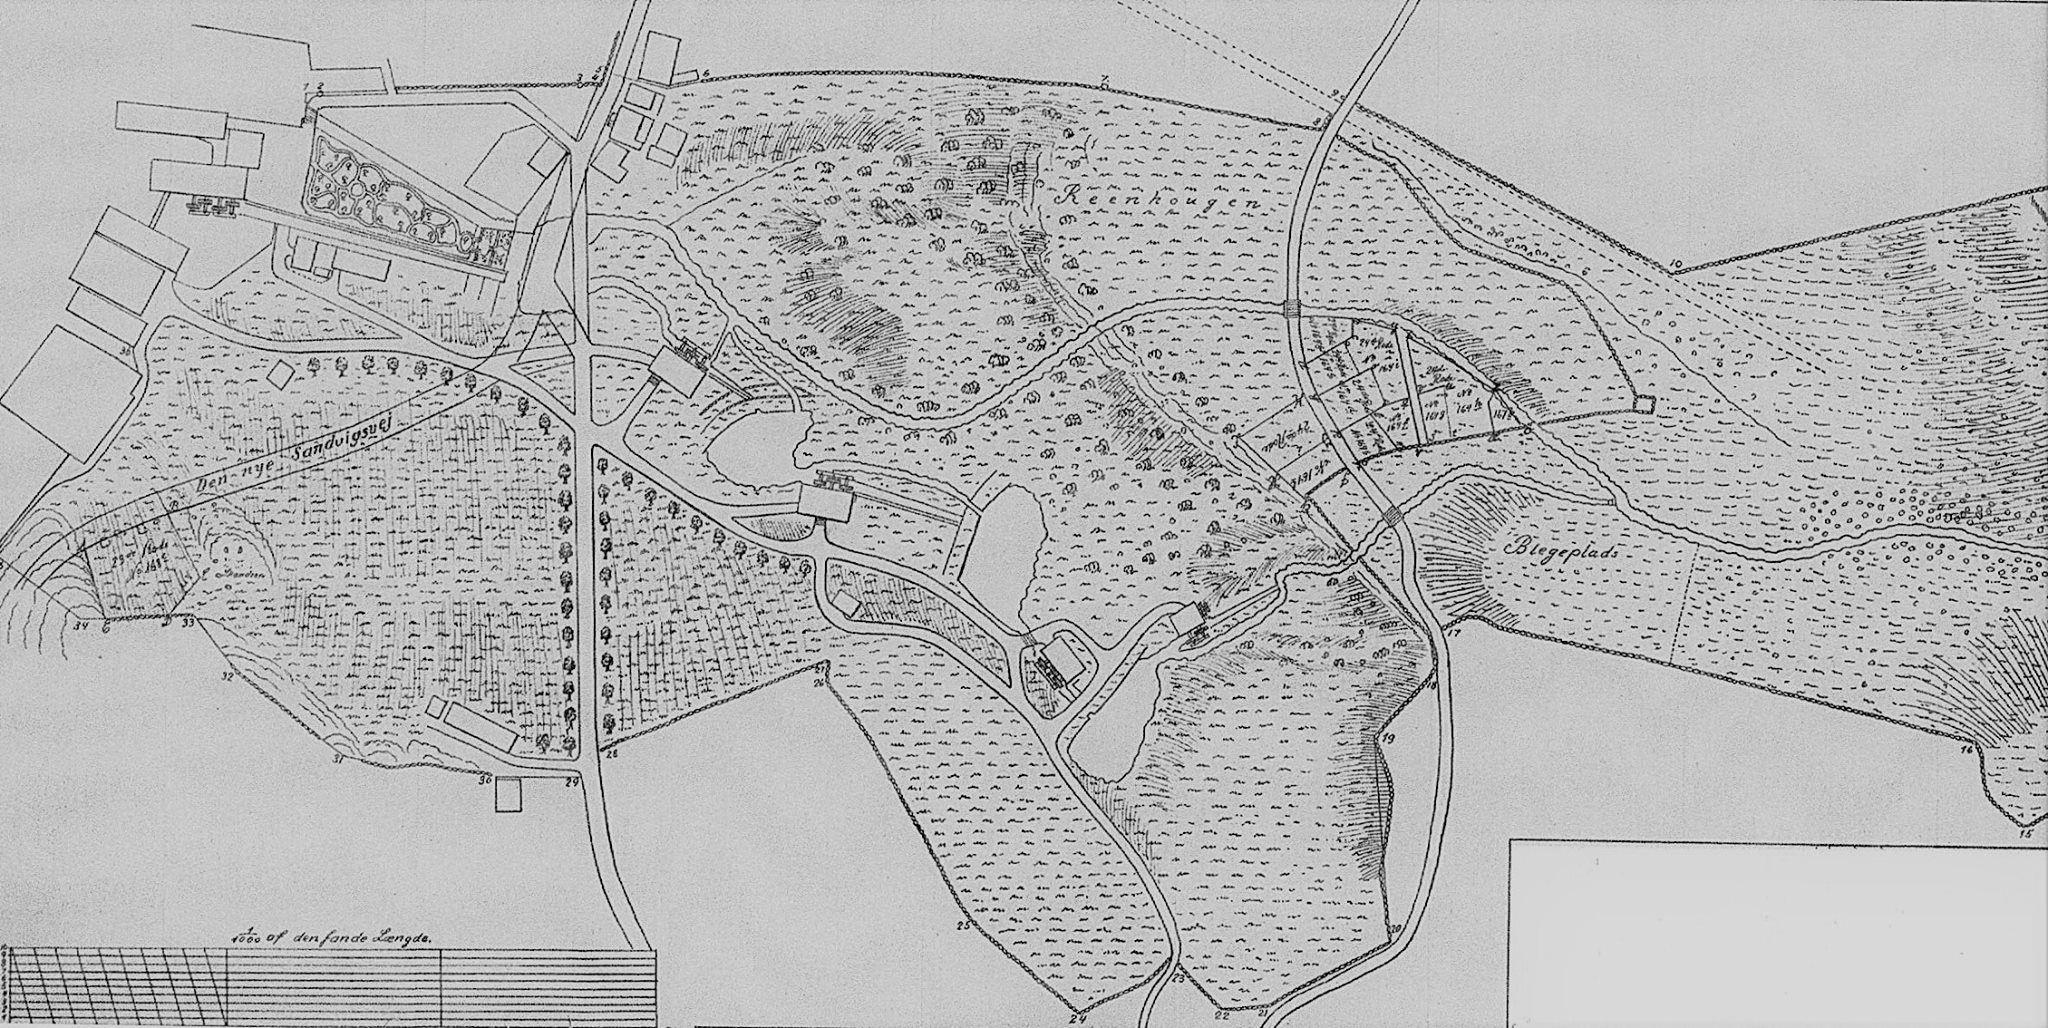 kart over gårdsnummer og bruksnummer Kilde/kart: Jan Ivar Sletteng. Sandviken. På kartets høyre side  kart over gårdsnummer og bruksnummer